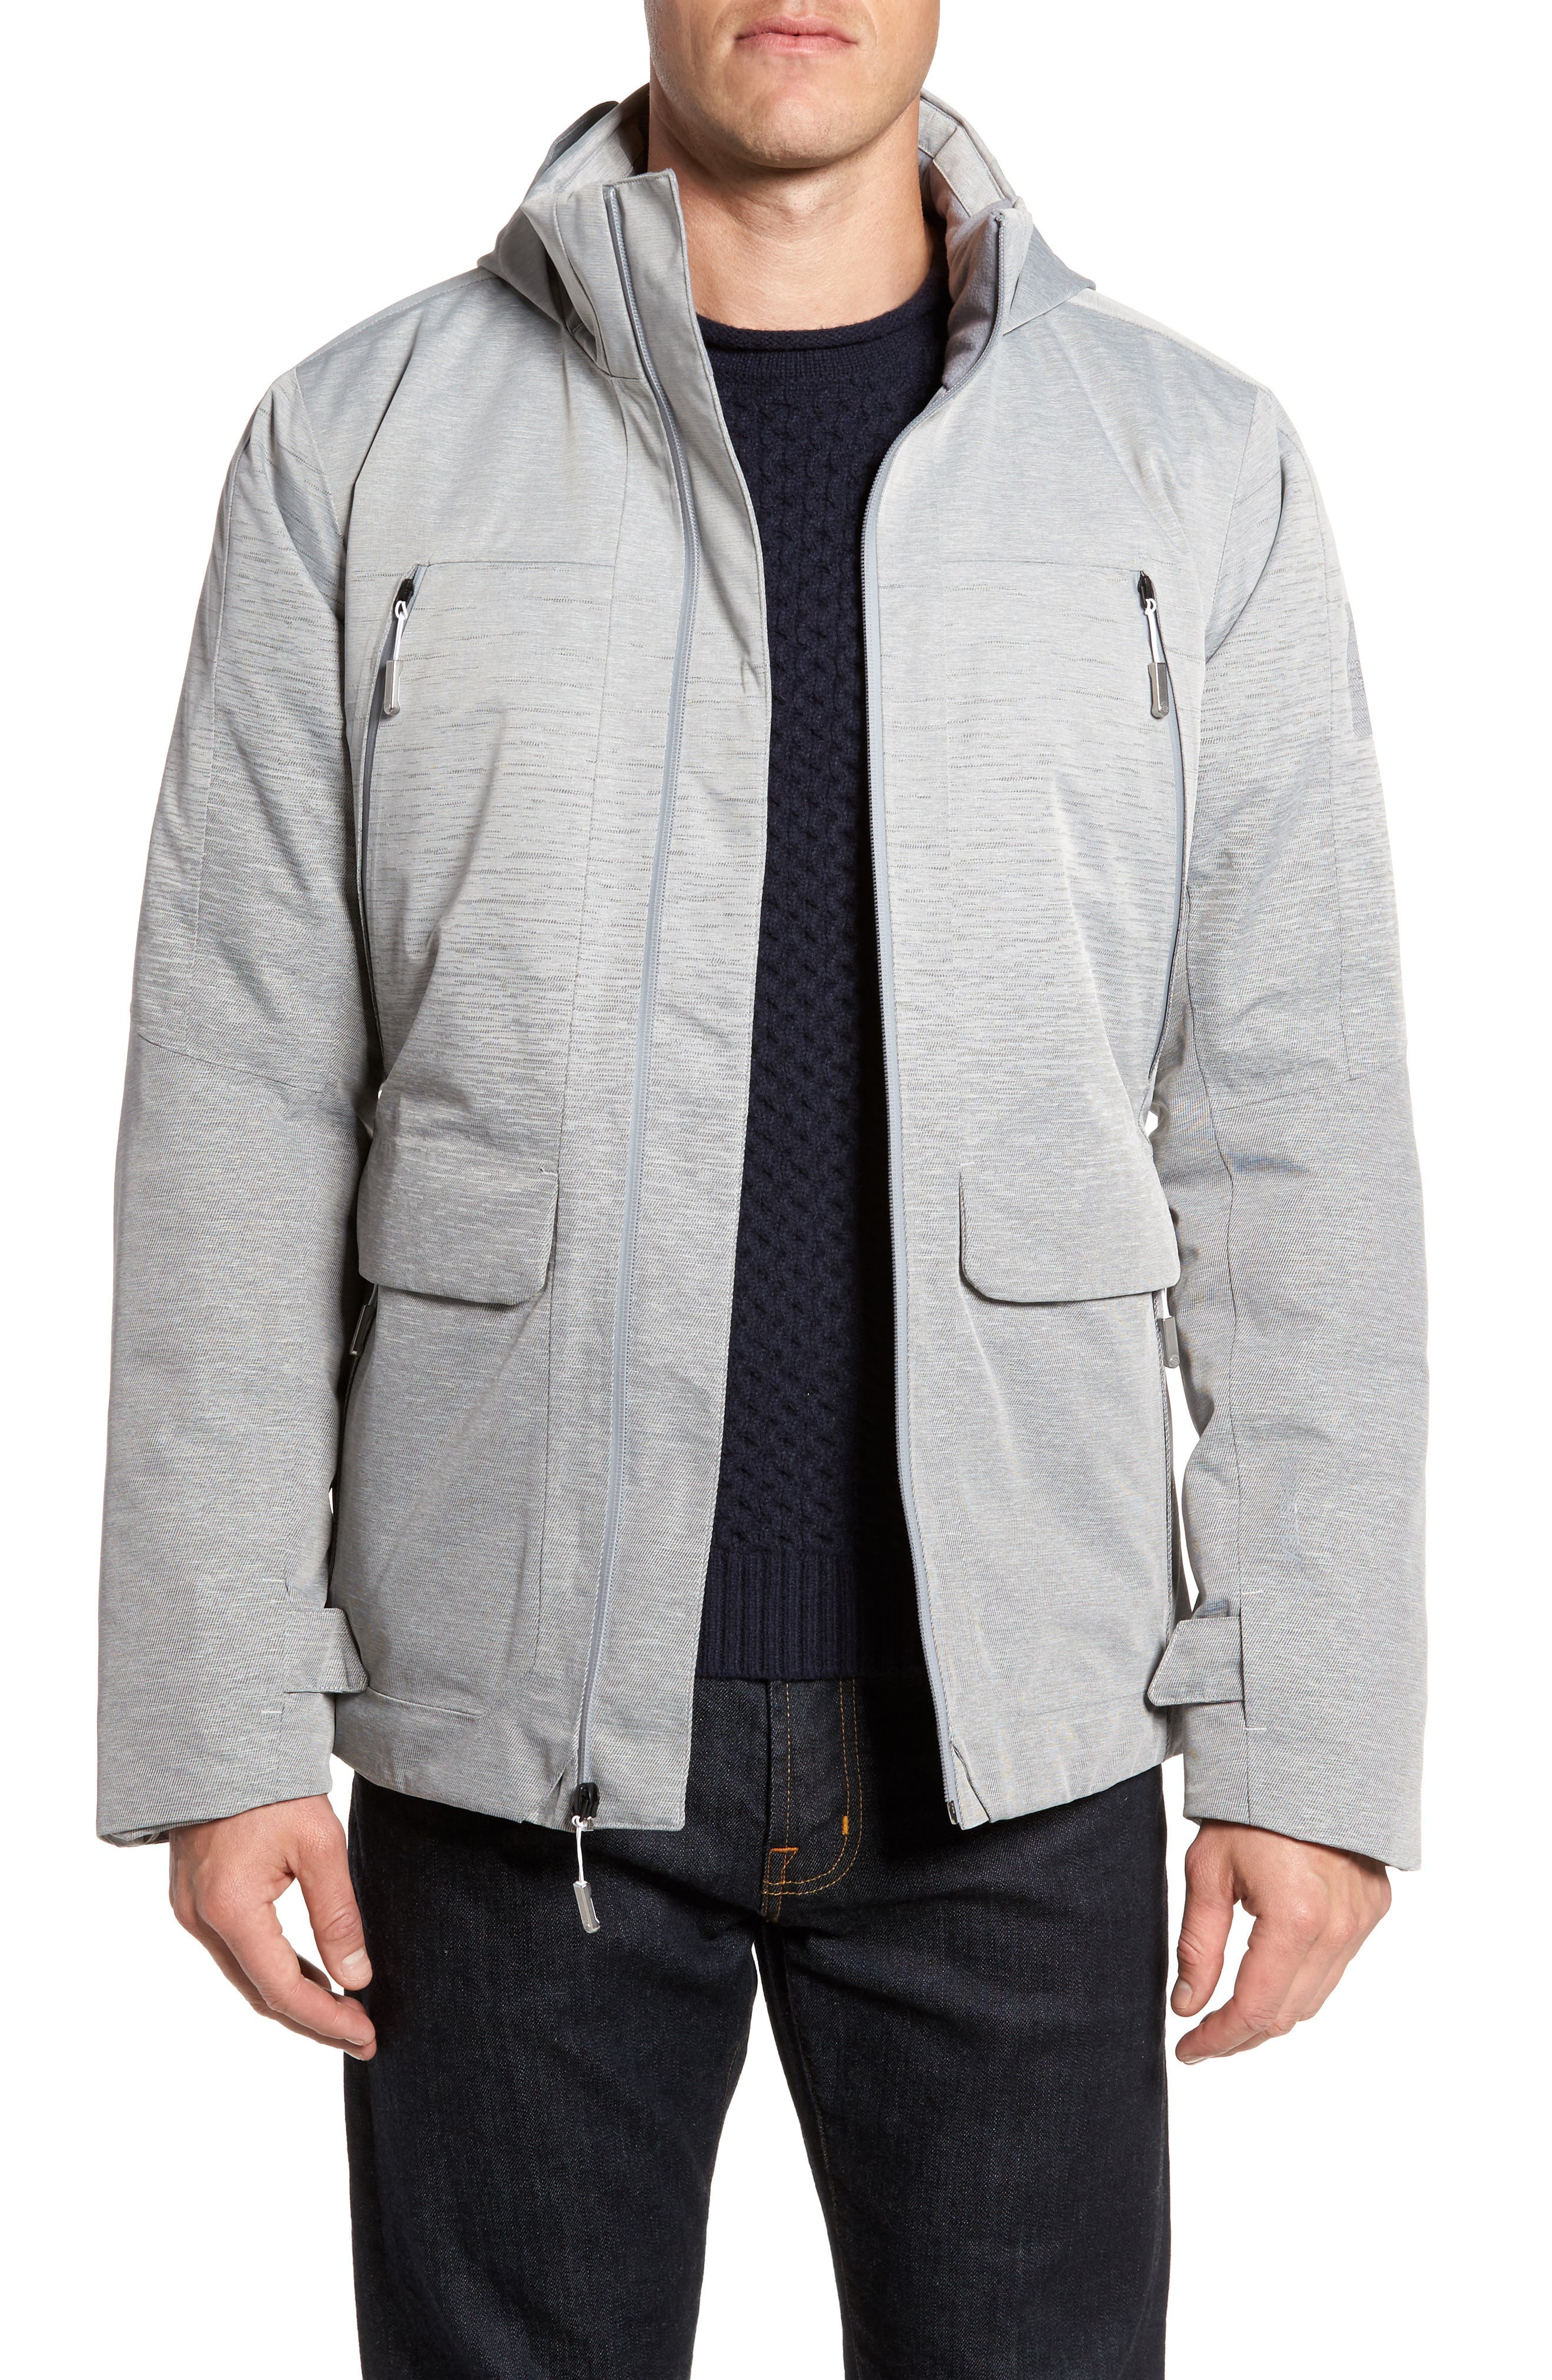 Cryos Gore-Tex<sup>®</sup> Jacket,                             Main thumbnail 1, color,                             030